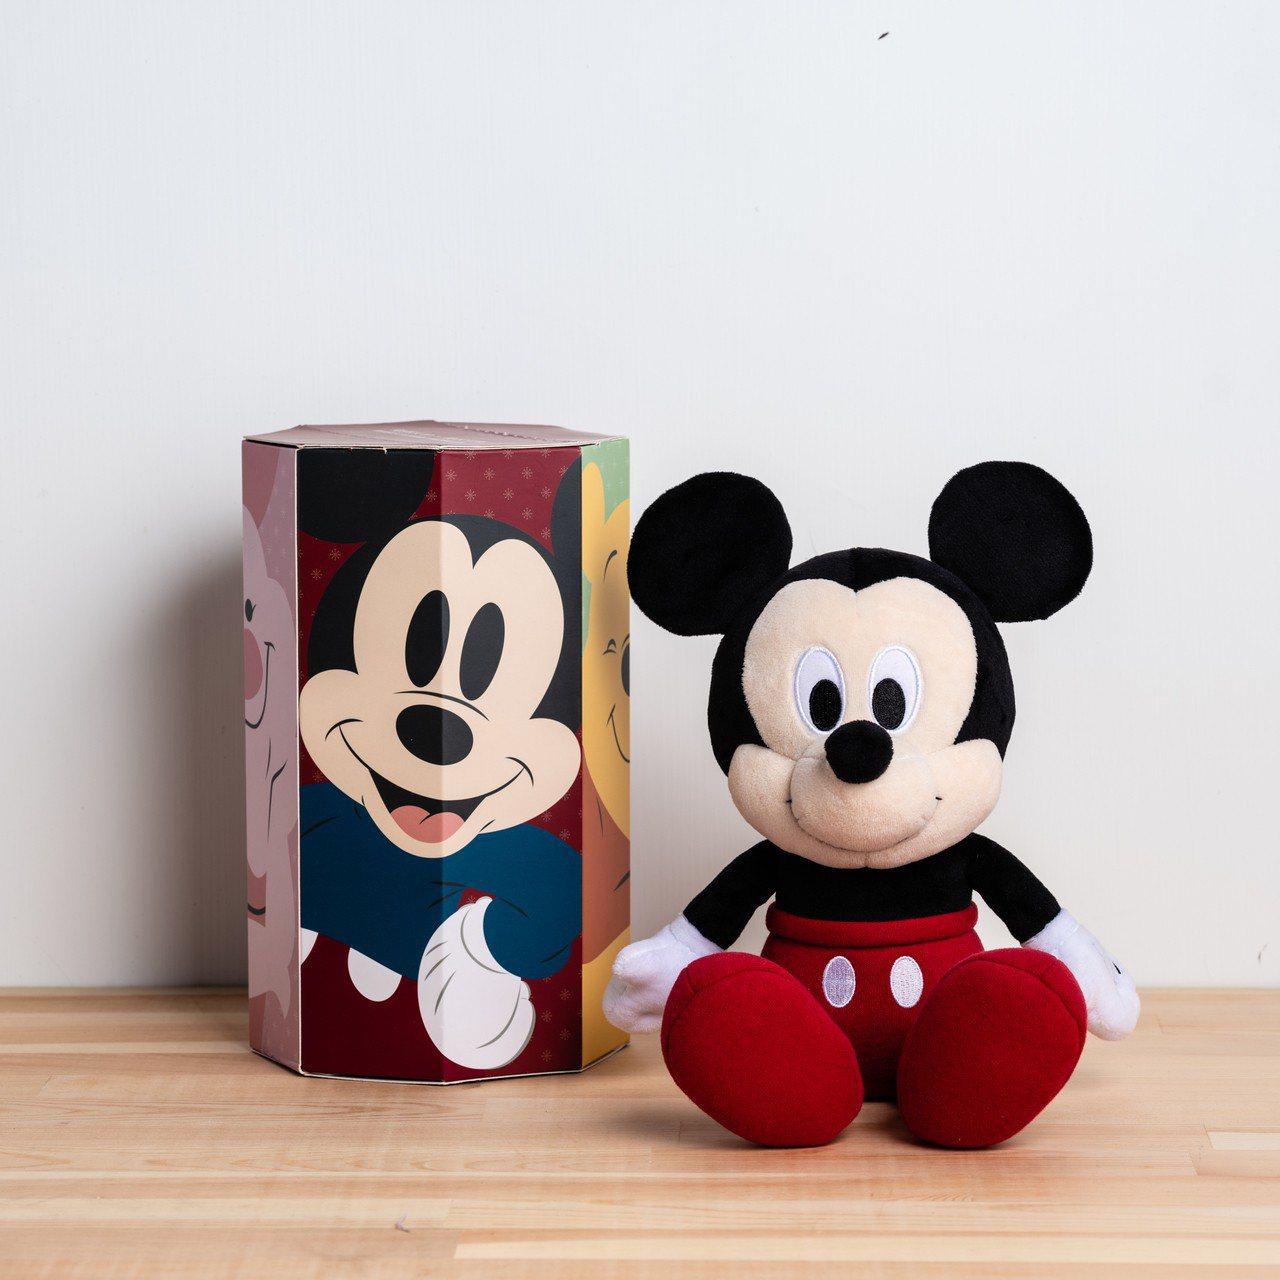 每款福袋玩偶都有專屬的盒裝設計。圖/HOLA提供